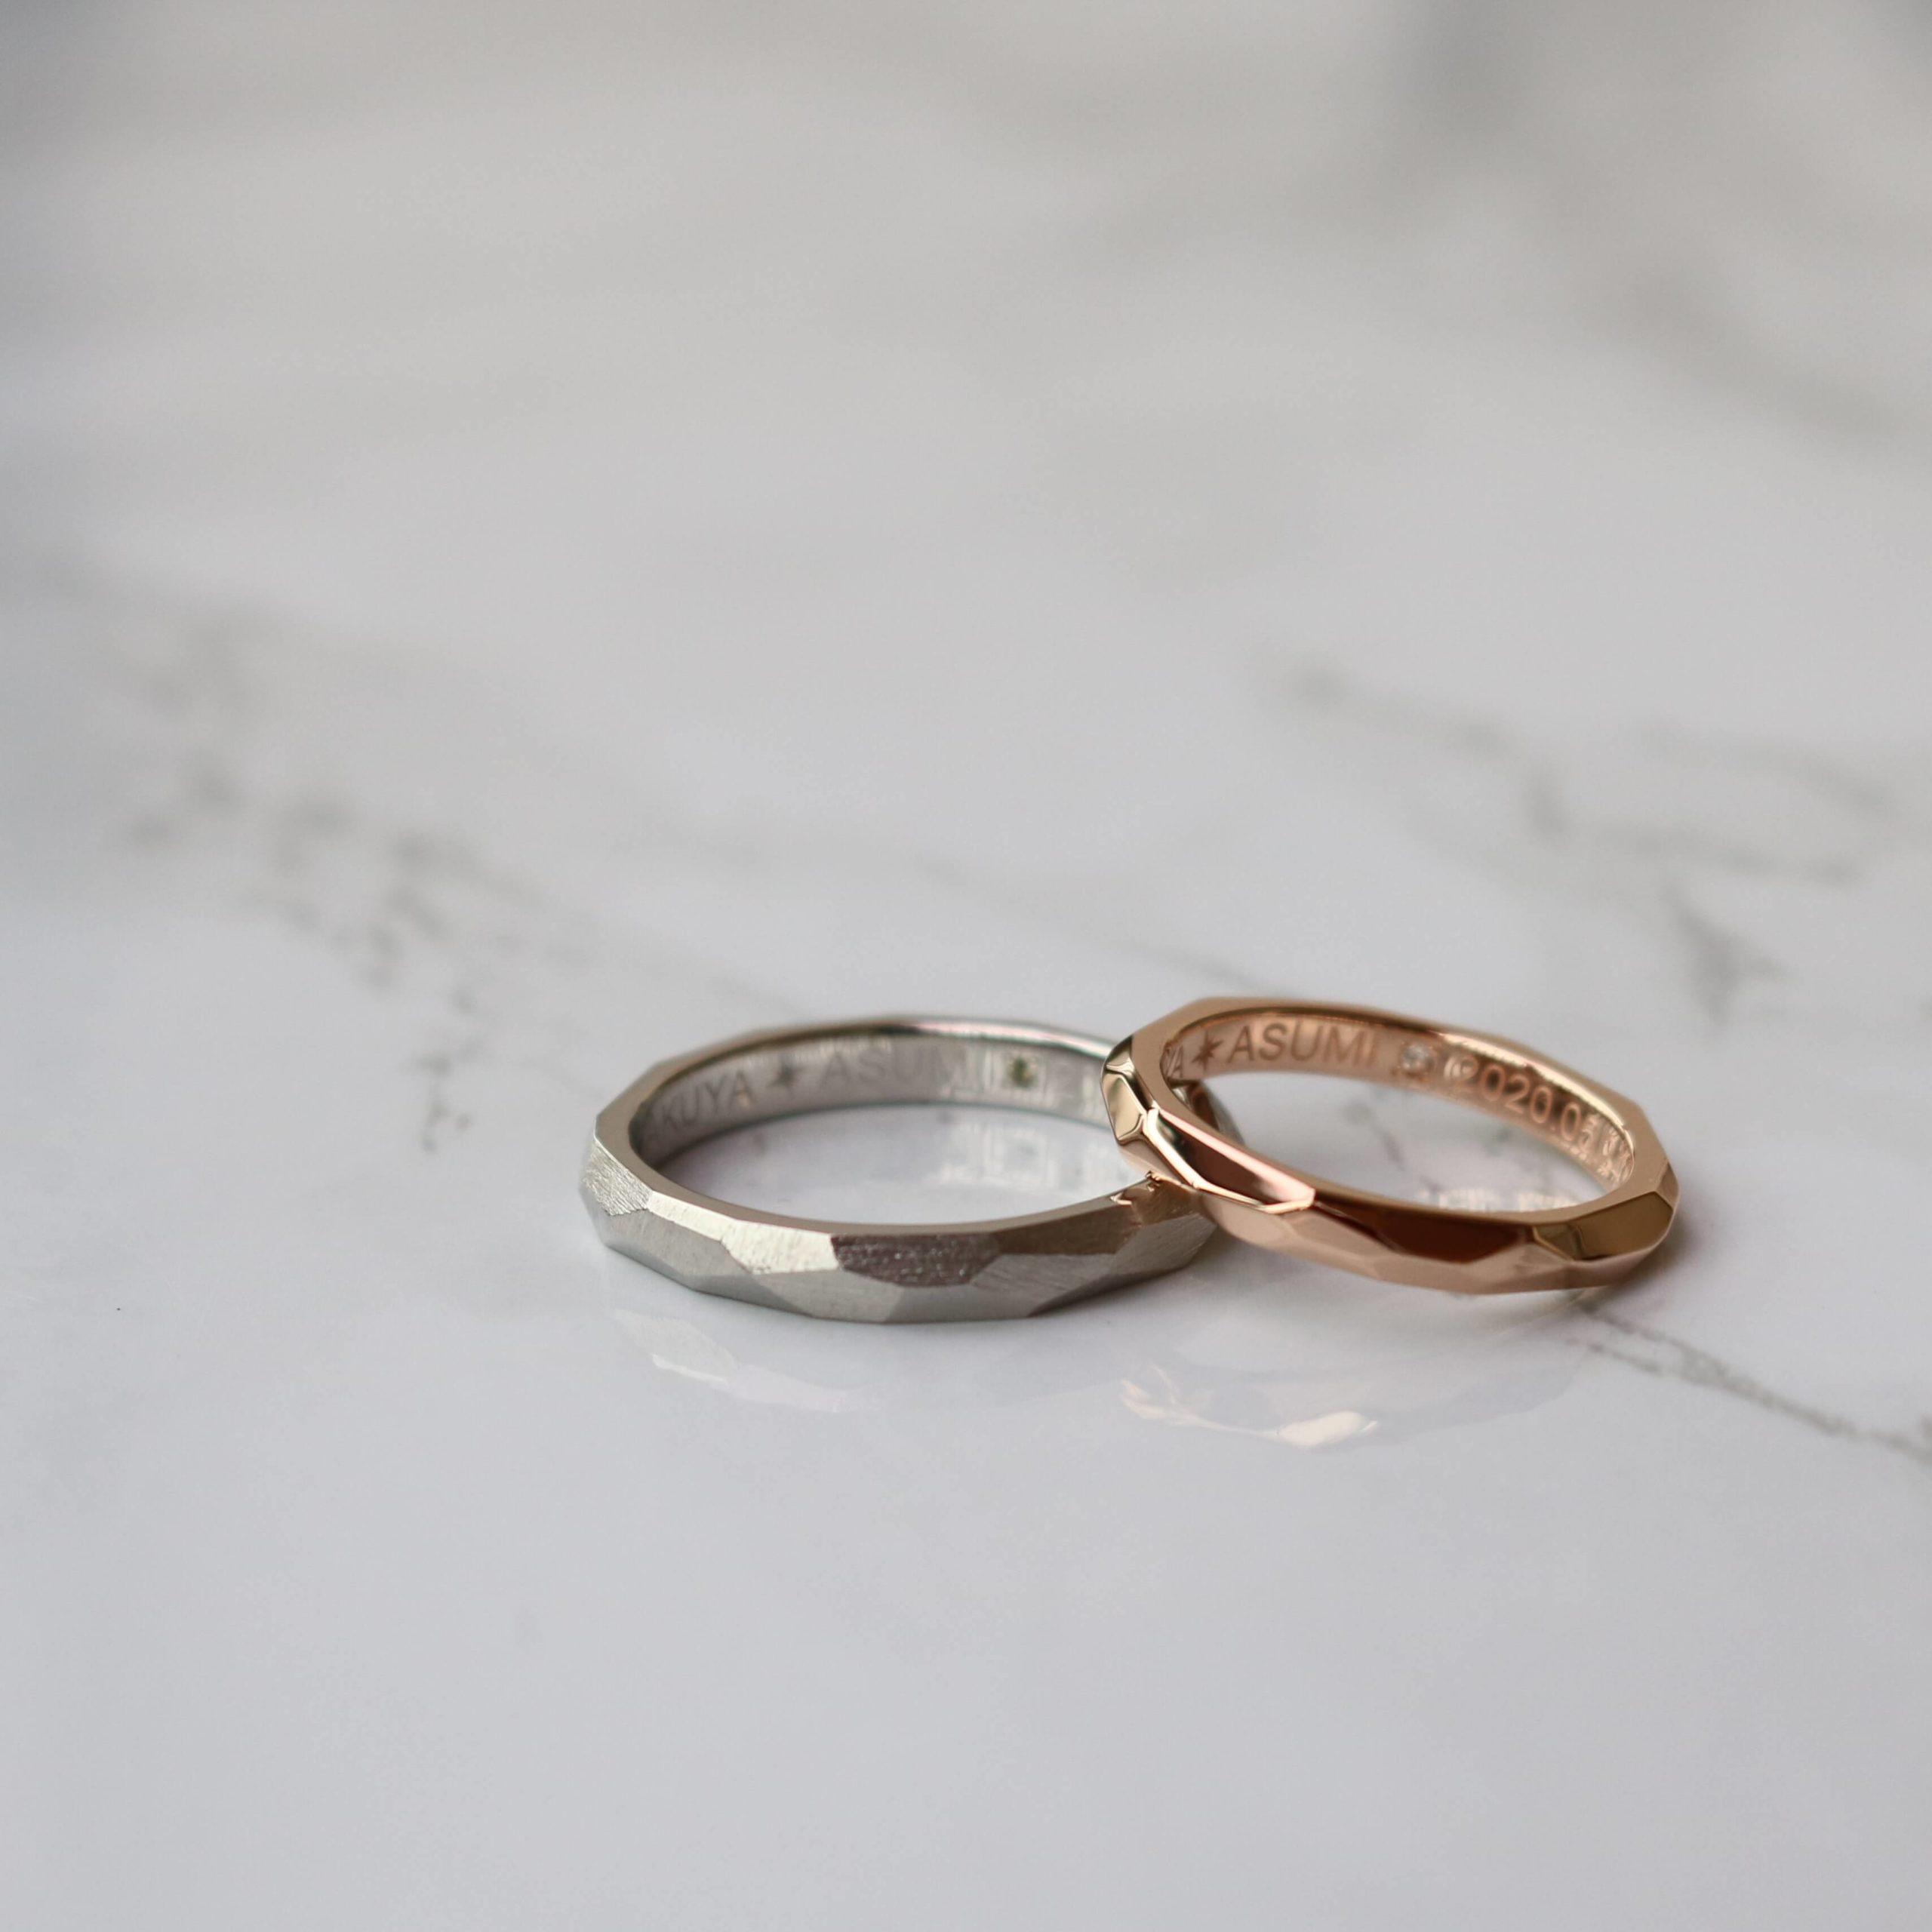 色違いのオーダーメイドの結婚指輪